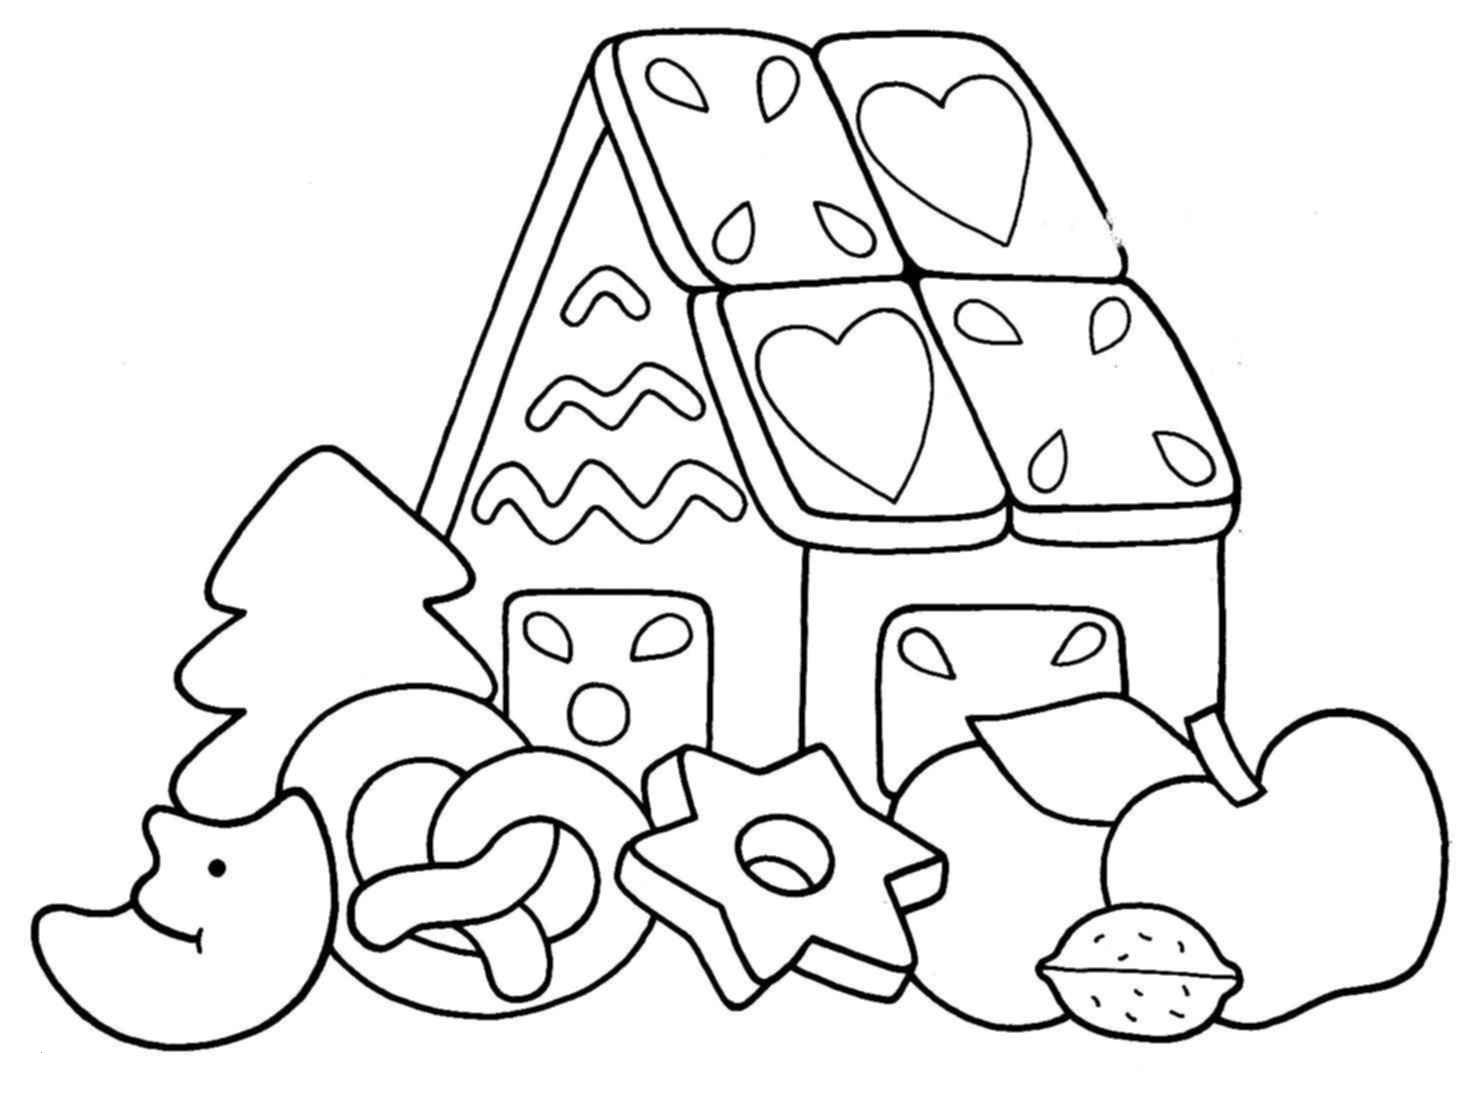 Ausmalbilder Minions Baby Das Beste Von Elegant Coloring Pages Disney Hercules Schön Ausmalbilder Minions Stock